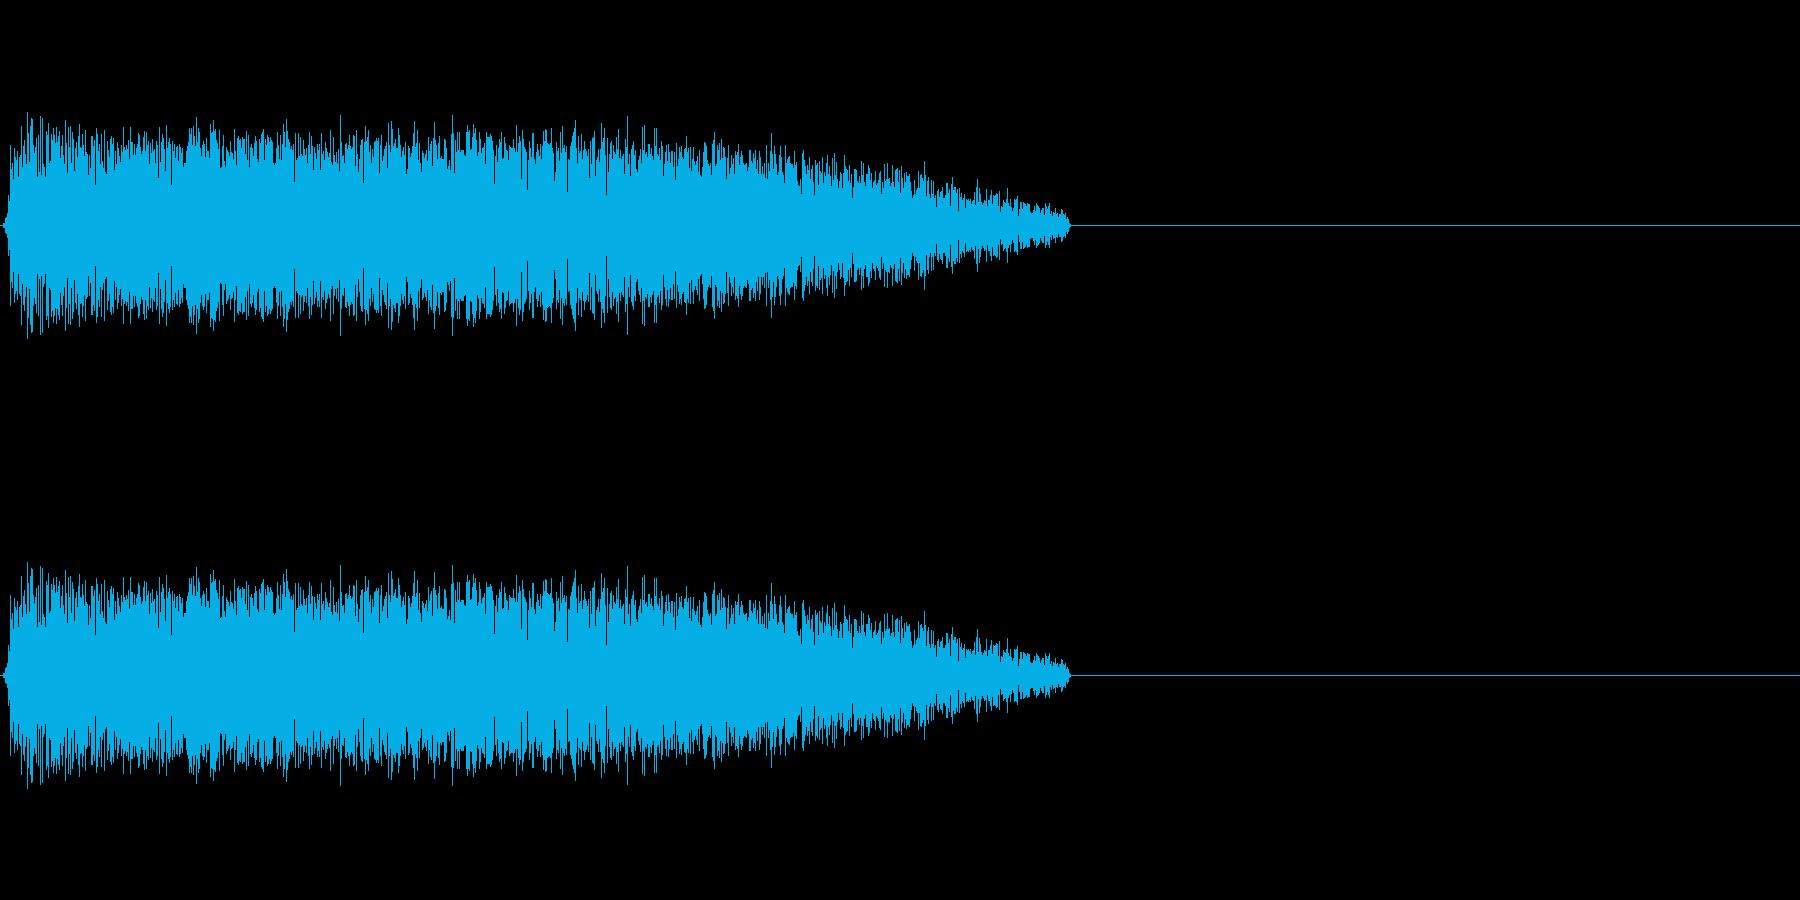 LoFiドラムキット08-シンバル02の再生済みの波形